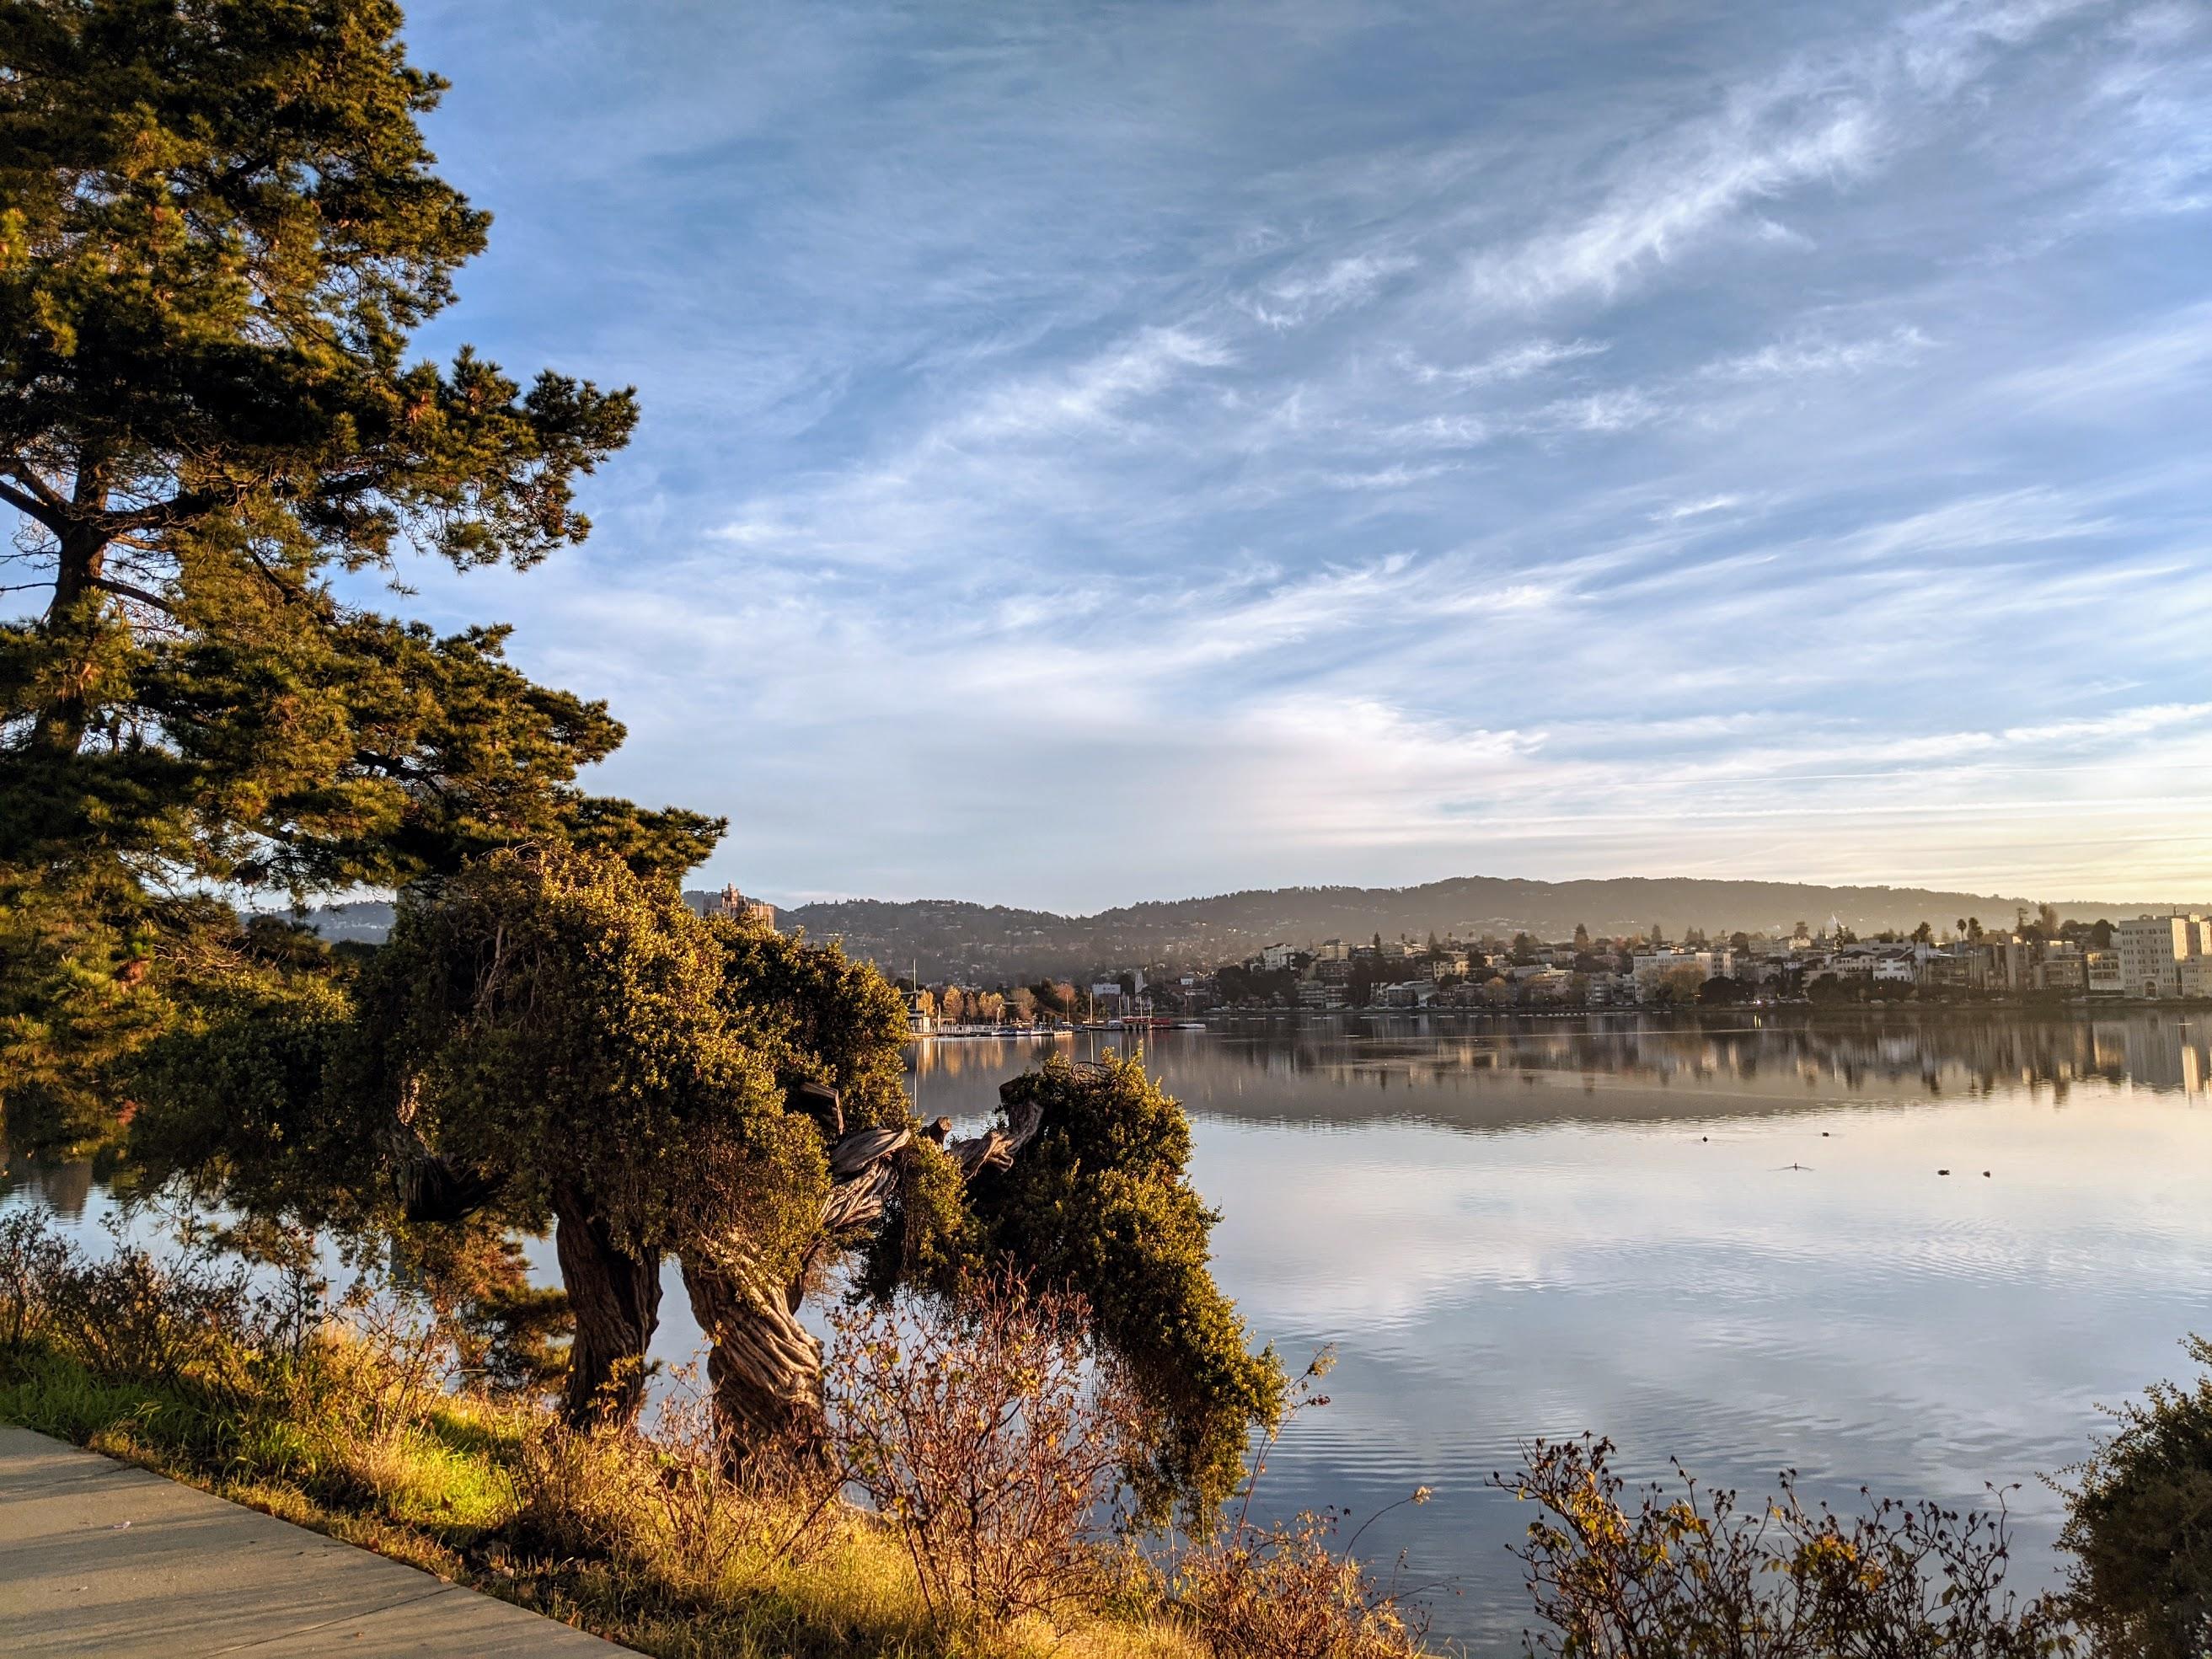 Lake Merritt a Oakland, CA. L'intero loop attorno al lago è percorribile lungo un tracciato di uso esclusivo per runner e camminatori.